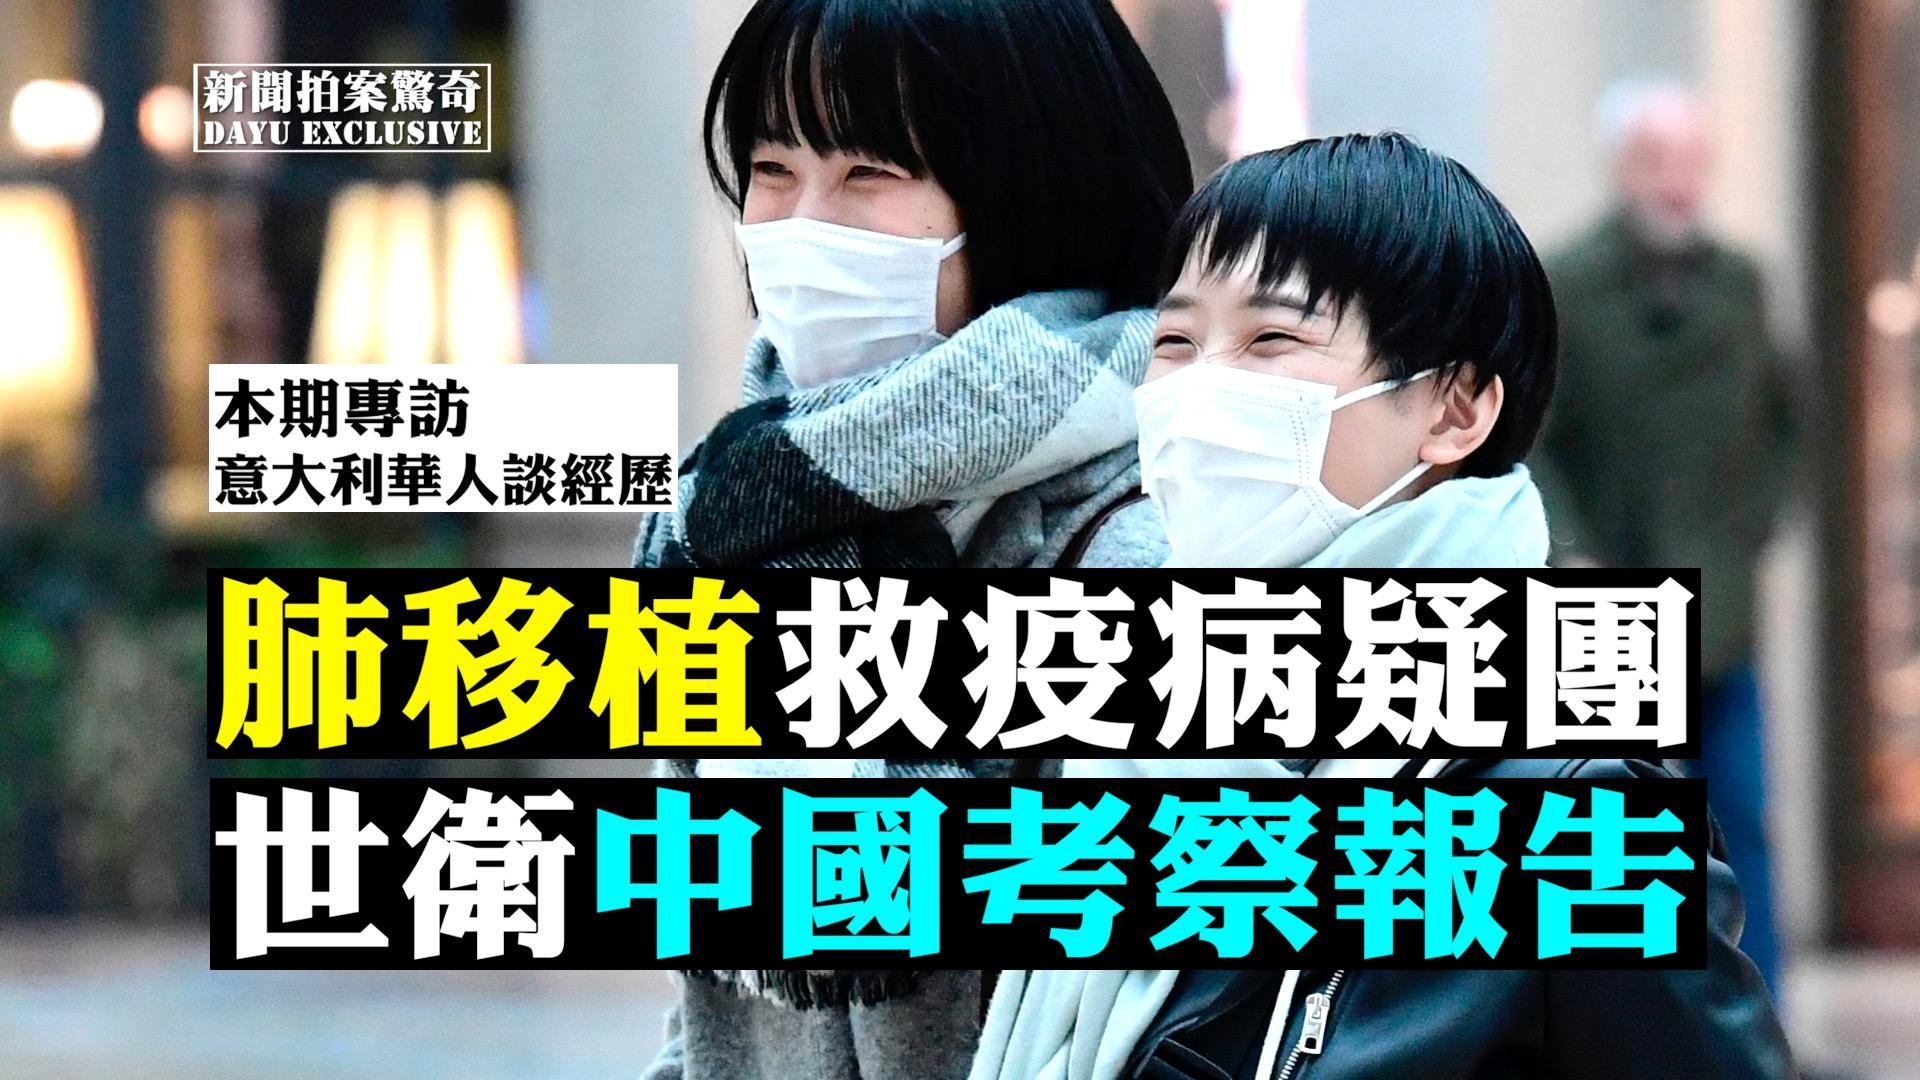 江蘇肺移植救中共肺炎,肺從哪來;世衛公佈中國考察報告;香港115人被捕。(大紀元)